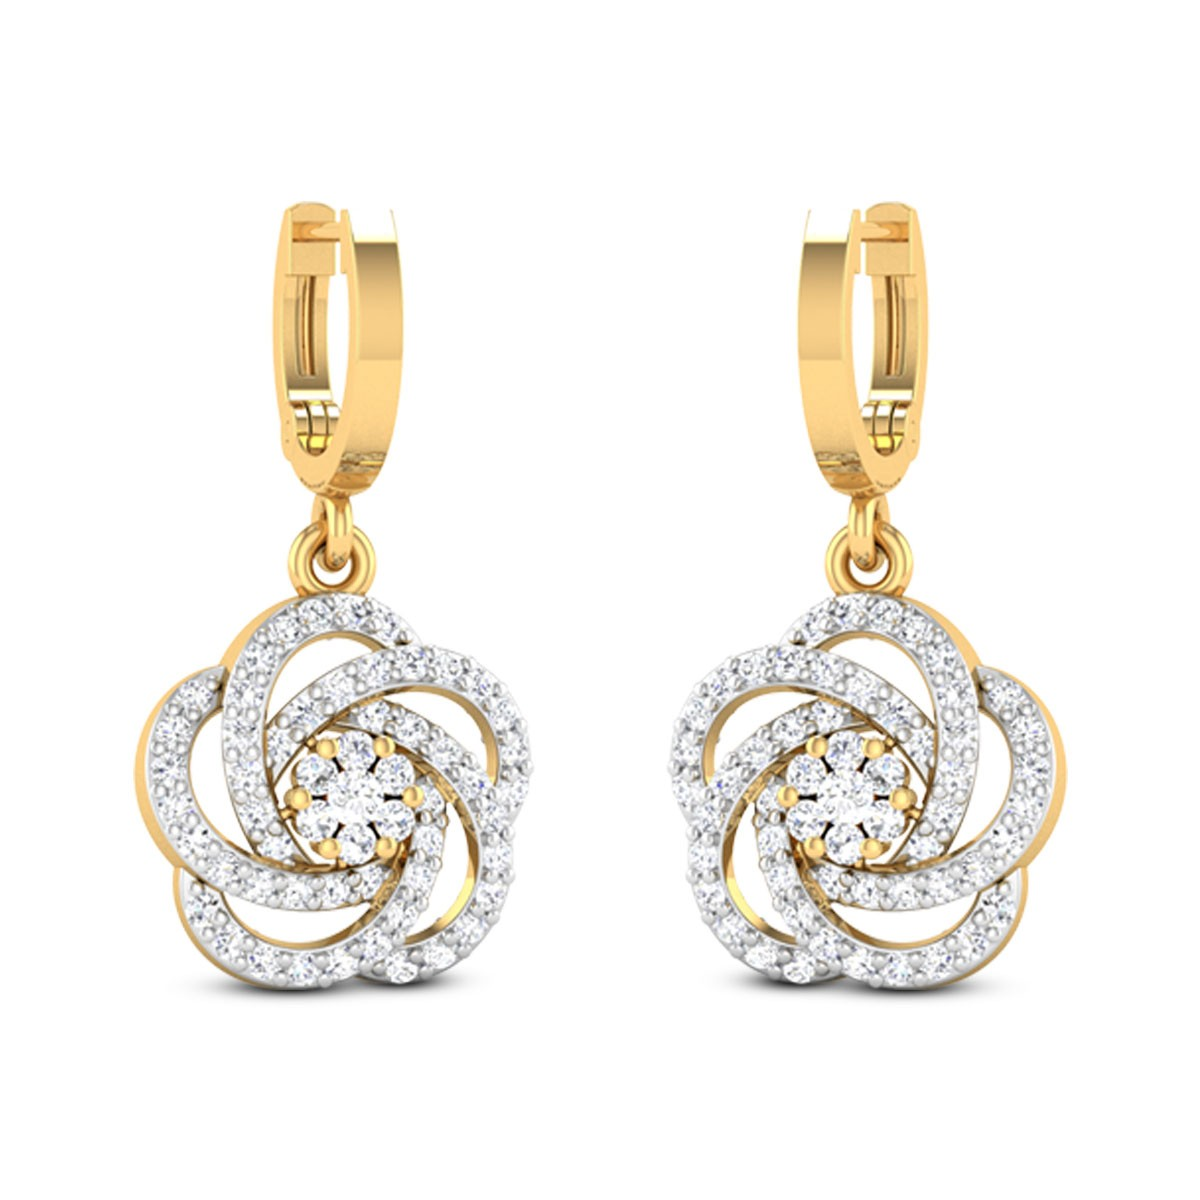 Shining Flower Diamond Earrings